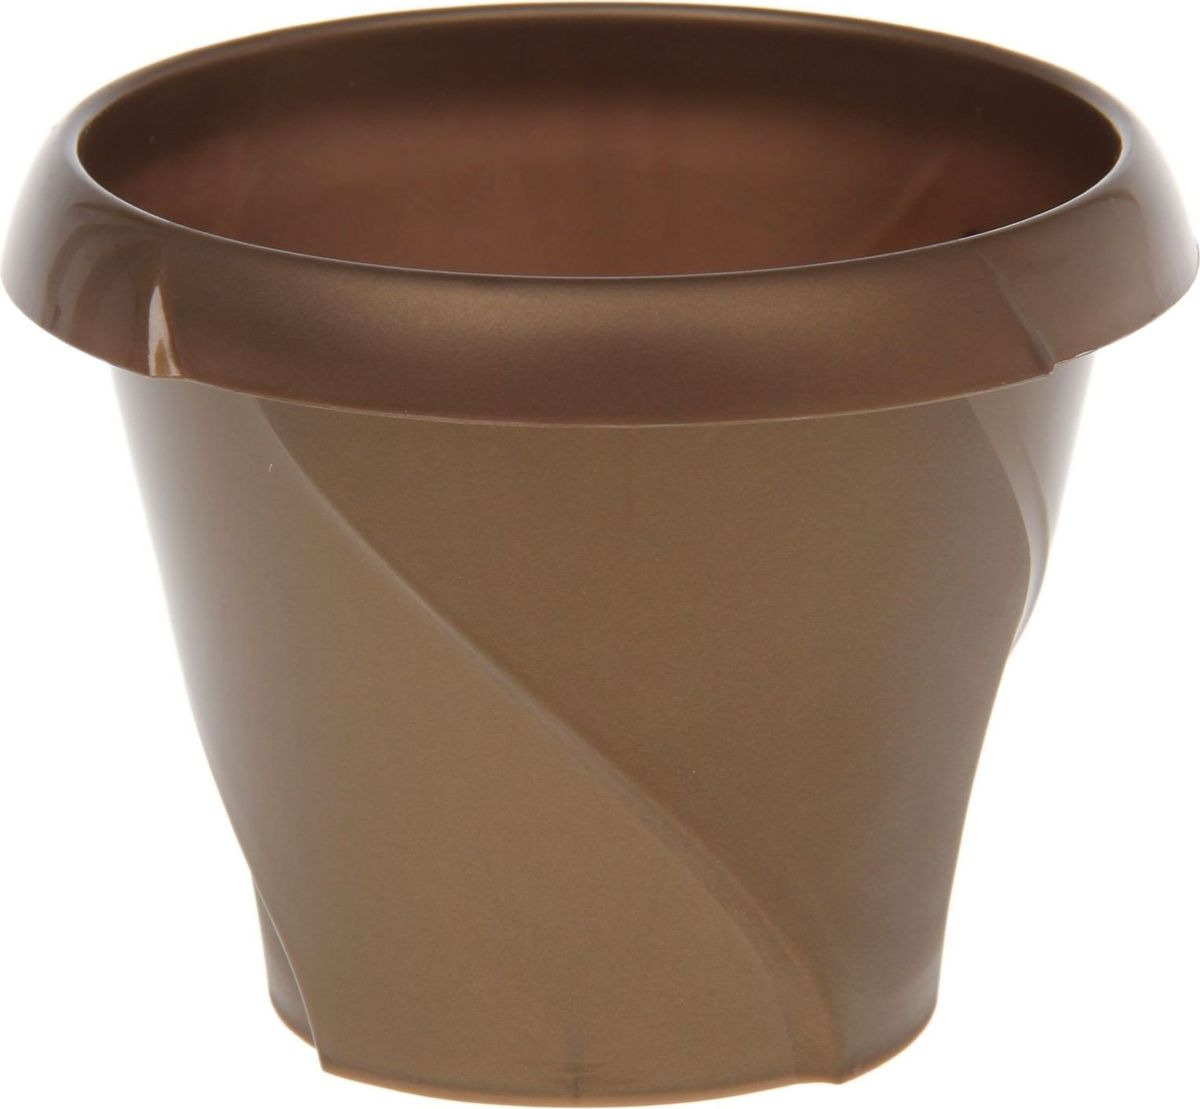 Кашпо Martika Флориана, цвет: золотистый, 0,7 л531-401Любой, даже самый современный и продуманный интерьер будет не завершённым без растений. Они не только очищают воздух и насыщают его кислородом, но и заметно украшают окружающее пространство. Такому полезному члену семьи просто необходимо красивое и функциональное кашпо, оригинальный горшок или необычная ваза! Мы предлагаем - Кашпо 700 мл Флориана, d=13,5 см, цвет золотой! Оптимальный выбор материала пластмасса! Почему мы так считаем? -Малый вес. С лёгкостью переносите горшки и кашпо с места на место, ставьте их на столики или полки, подвешивайте под потолок, не беспокоясь о нагрузке. -Простота ухода. Пластиковые изделия не нуждаются в специальных условиях хранения. Их легко чистить достаточно просто сполоснуть тёплой водой. -Никаких царапин. Пластиковые кашпо не царапают и не загрязняют поверхности, на которых стоят. -Пластик дольше хранит влагу, а значит растение реже нуждается в поливе. -Пластмасса не пропускает воздух корневой системе растения не грозят резкие перепады температур. -Огромный выбор форм, декора и расцветок вы без труда подберёте что-то, что идеально впишется в уже существующий интерьер. Соблюдая нехитрые правила ухода, вы можете заметно продлить срок службы горшков, вазонов и кашпо из пластика: -всегда учитывайте размер кроны и корневой системы растения (при разрастании большое растение способно повредить маленький горшок)-берегите изделие от воздействия прямых солнечных лучей, чтобы кашпо и горшки не выцветали-держите кашпо и горшки из пластика подальше от нагревающихся поверхностей. Создавайте прекрасные цветочные композиции, выращивайте рассаду или необычные растения, а низкие цены позволят вам не ограничивать себя в выборе.